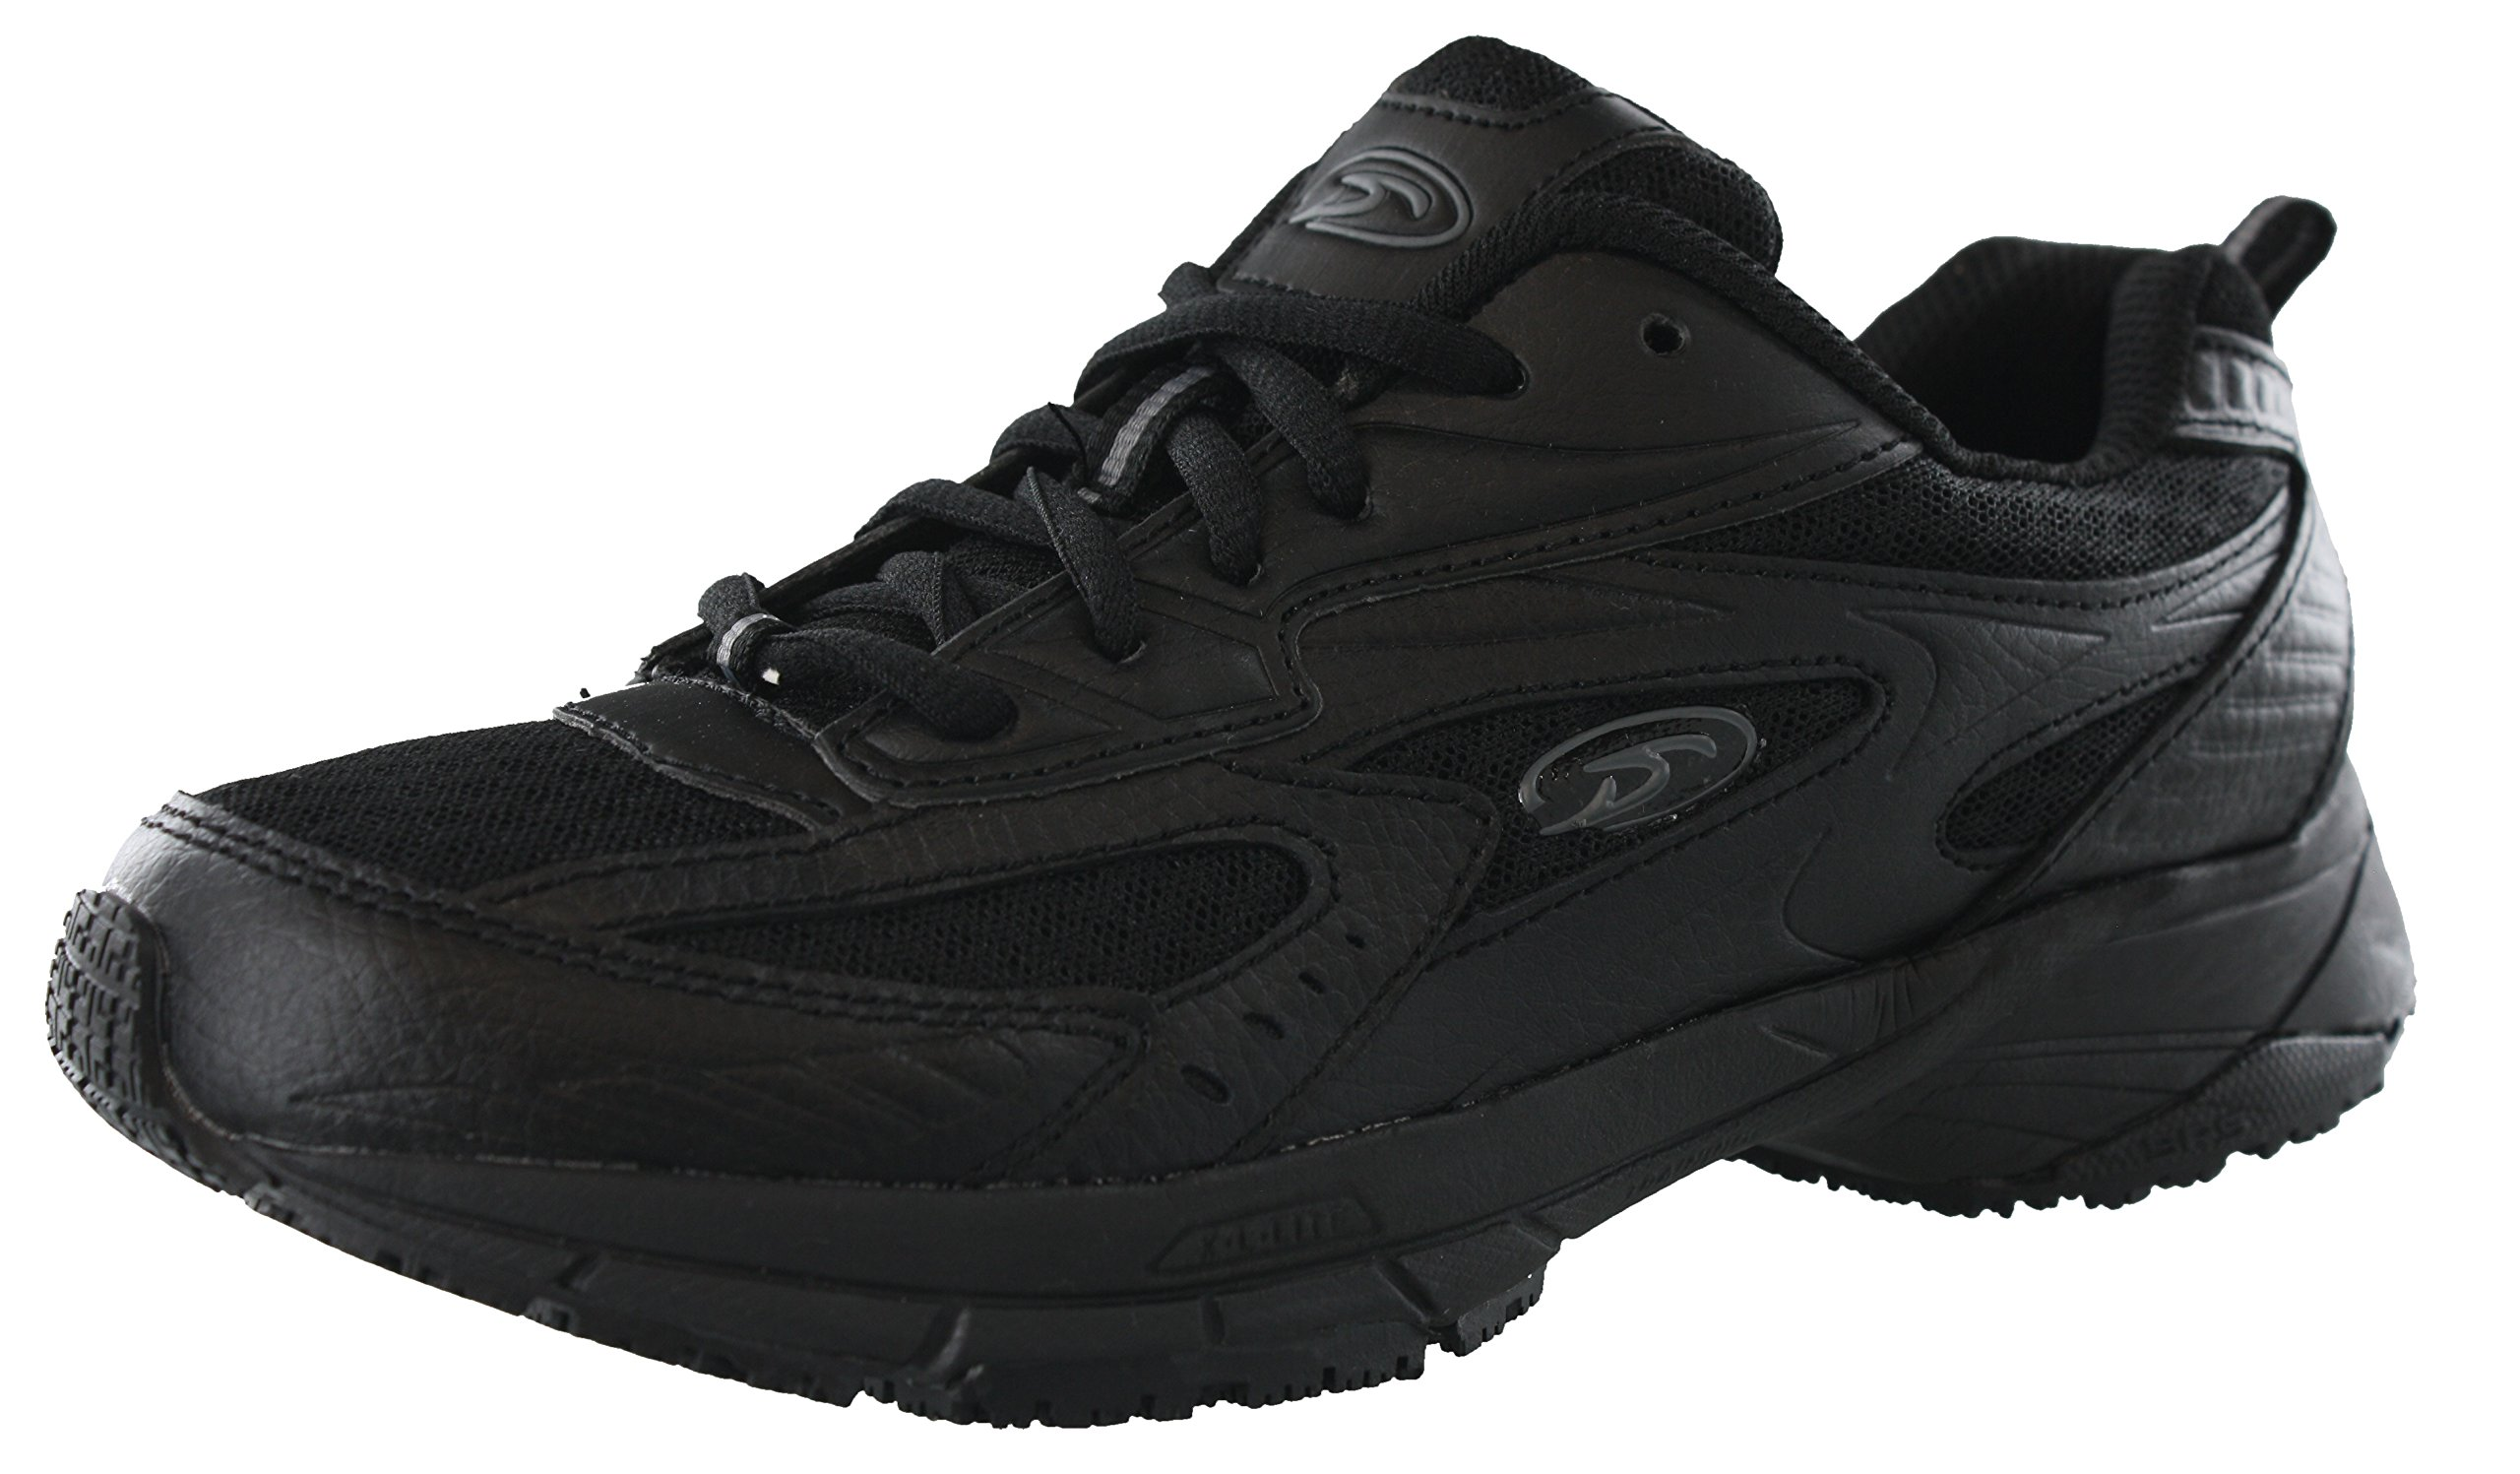 Dr. Scholl's Women's Peppy Black Wide Width Uniform Work Shoes